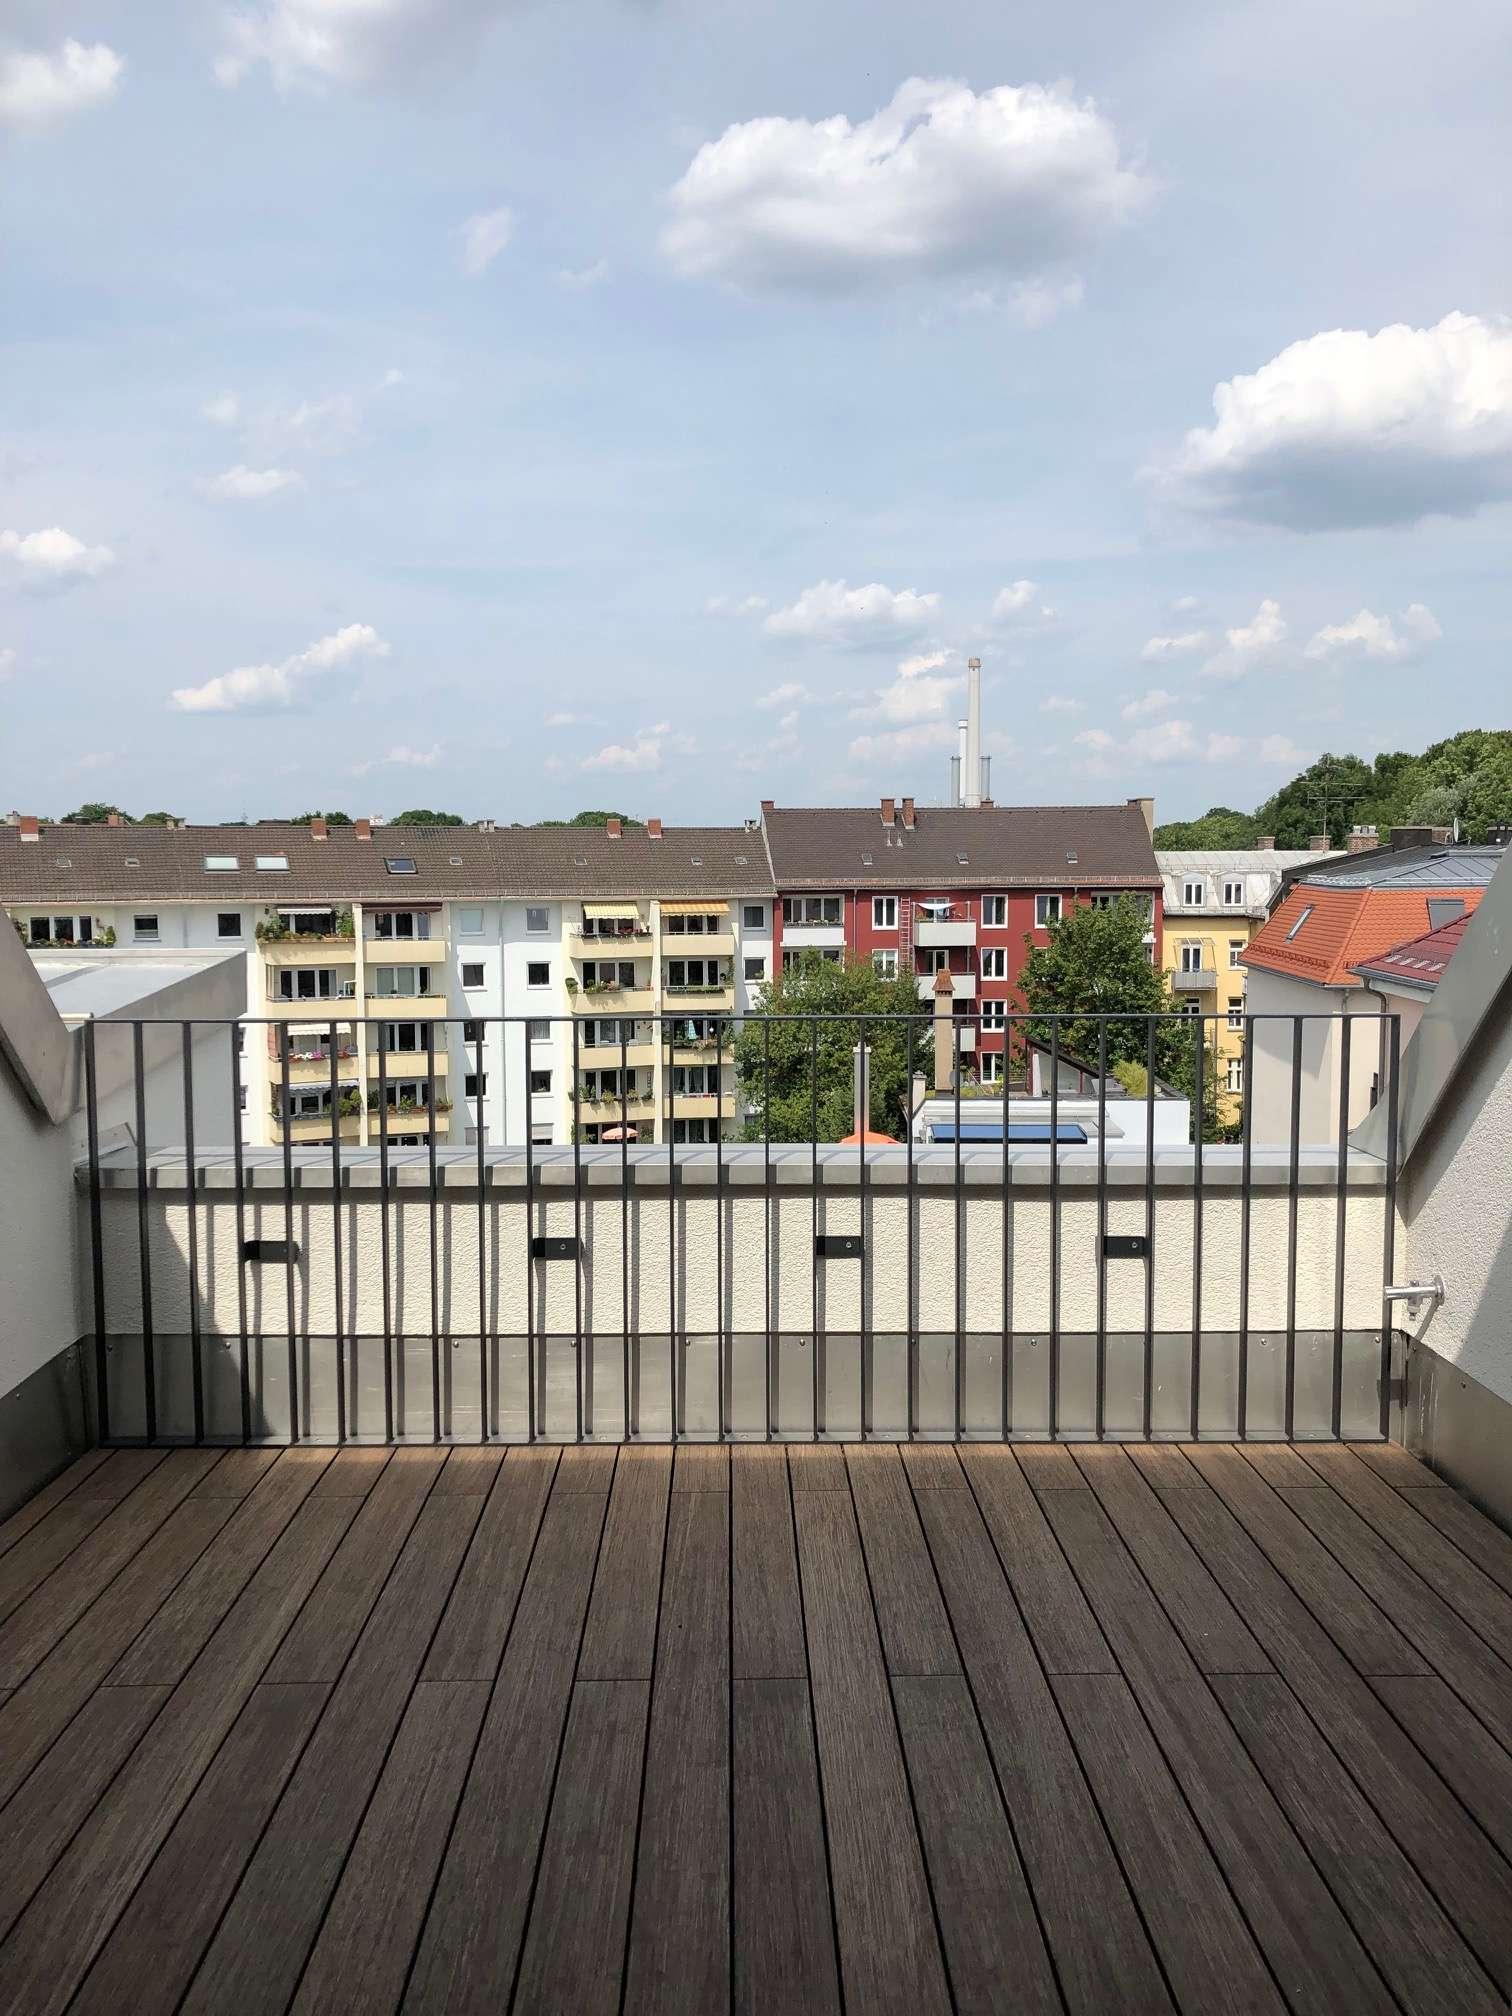 Exklusives Dachgeschoss an der Isar mit Dachterrasse, Küche, Lift, uvm.